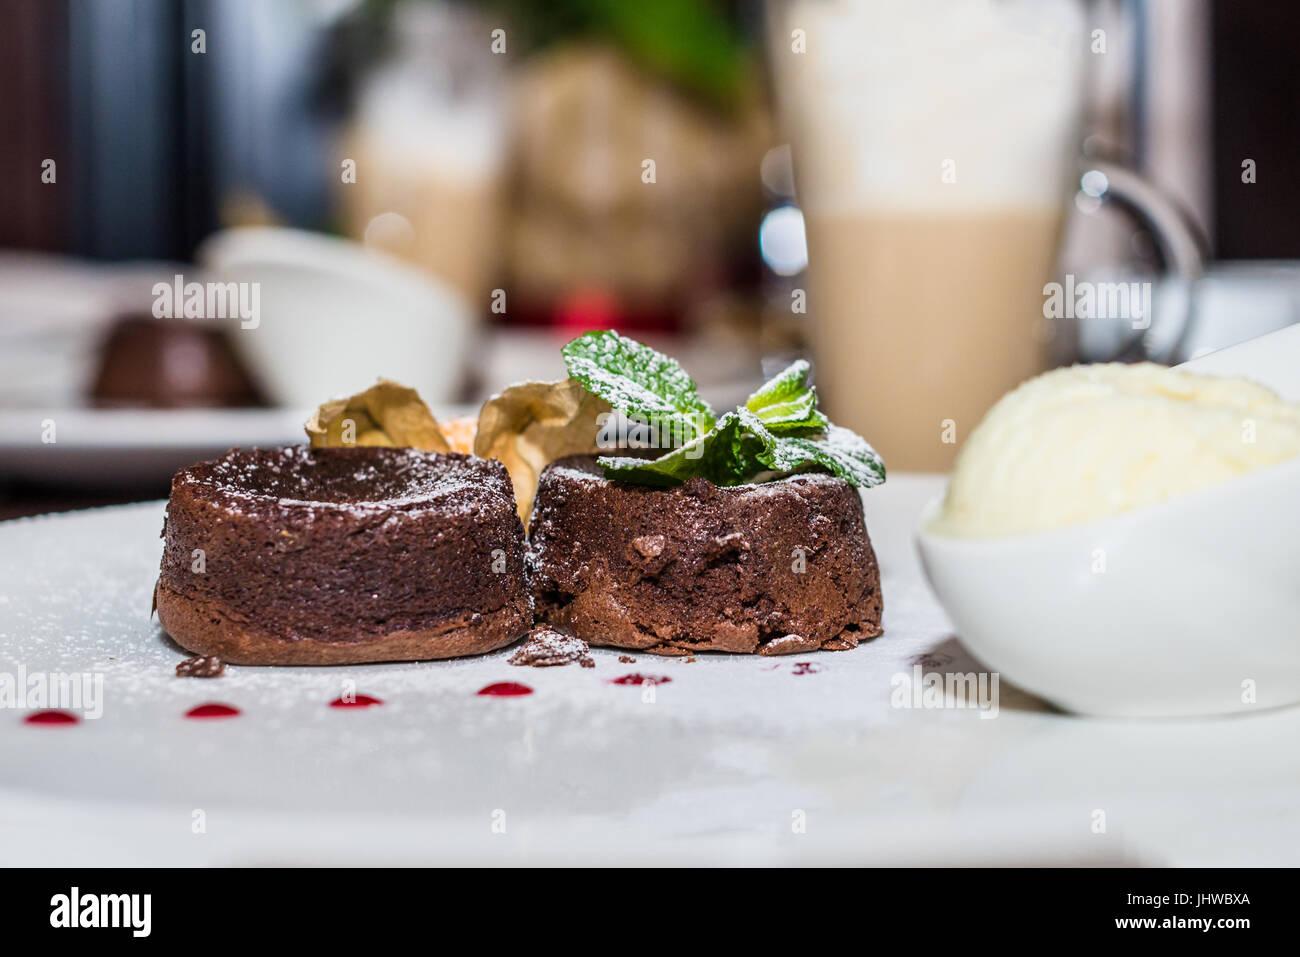 Riscaldare il dessert torta al cioccolato Immagini Stock